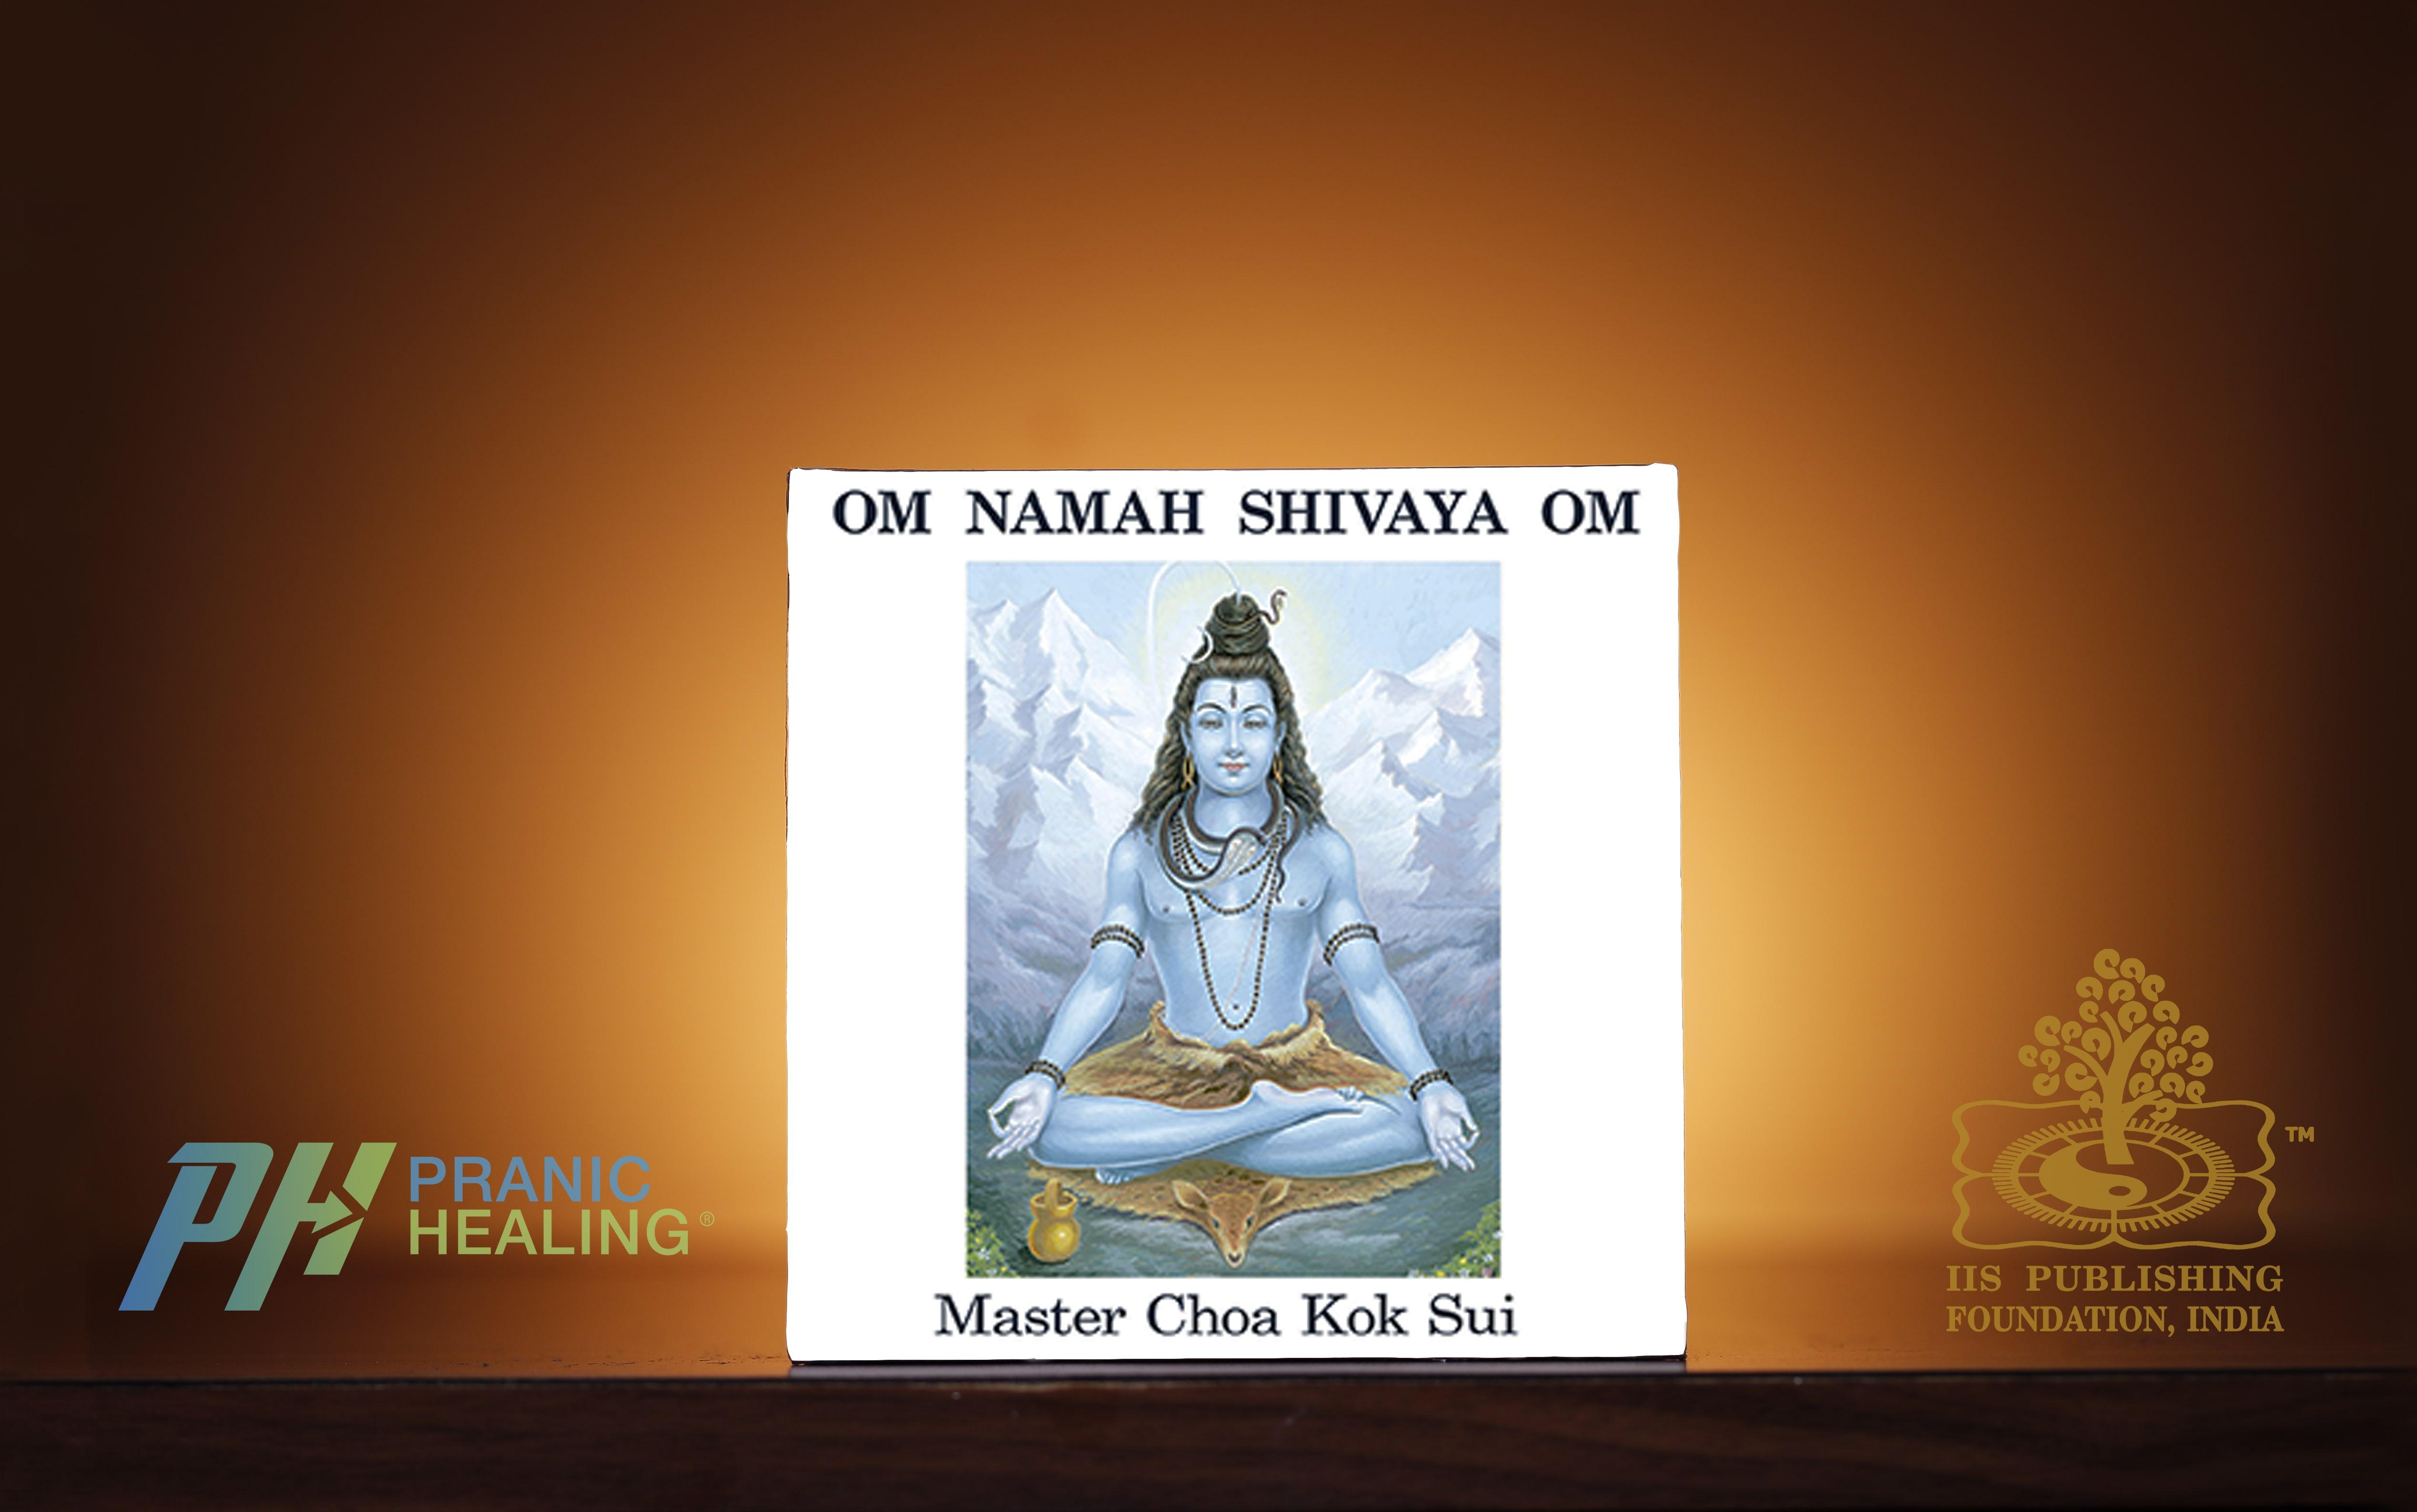 https://shop.pranichealingmumbai.com/products/om-namah-shivaya-om